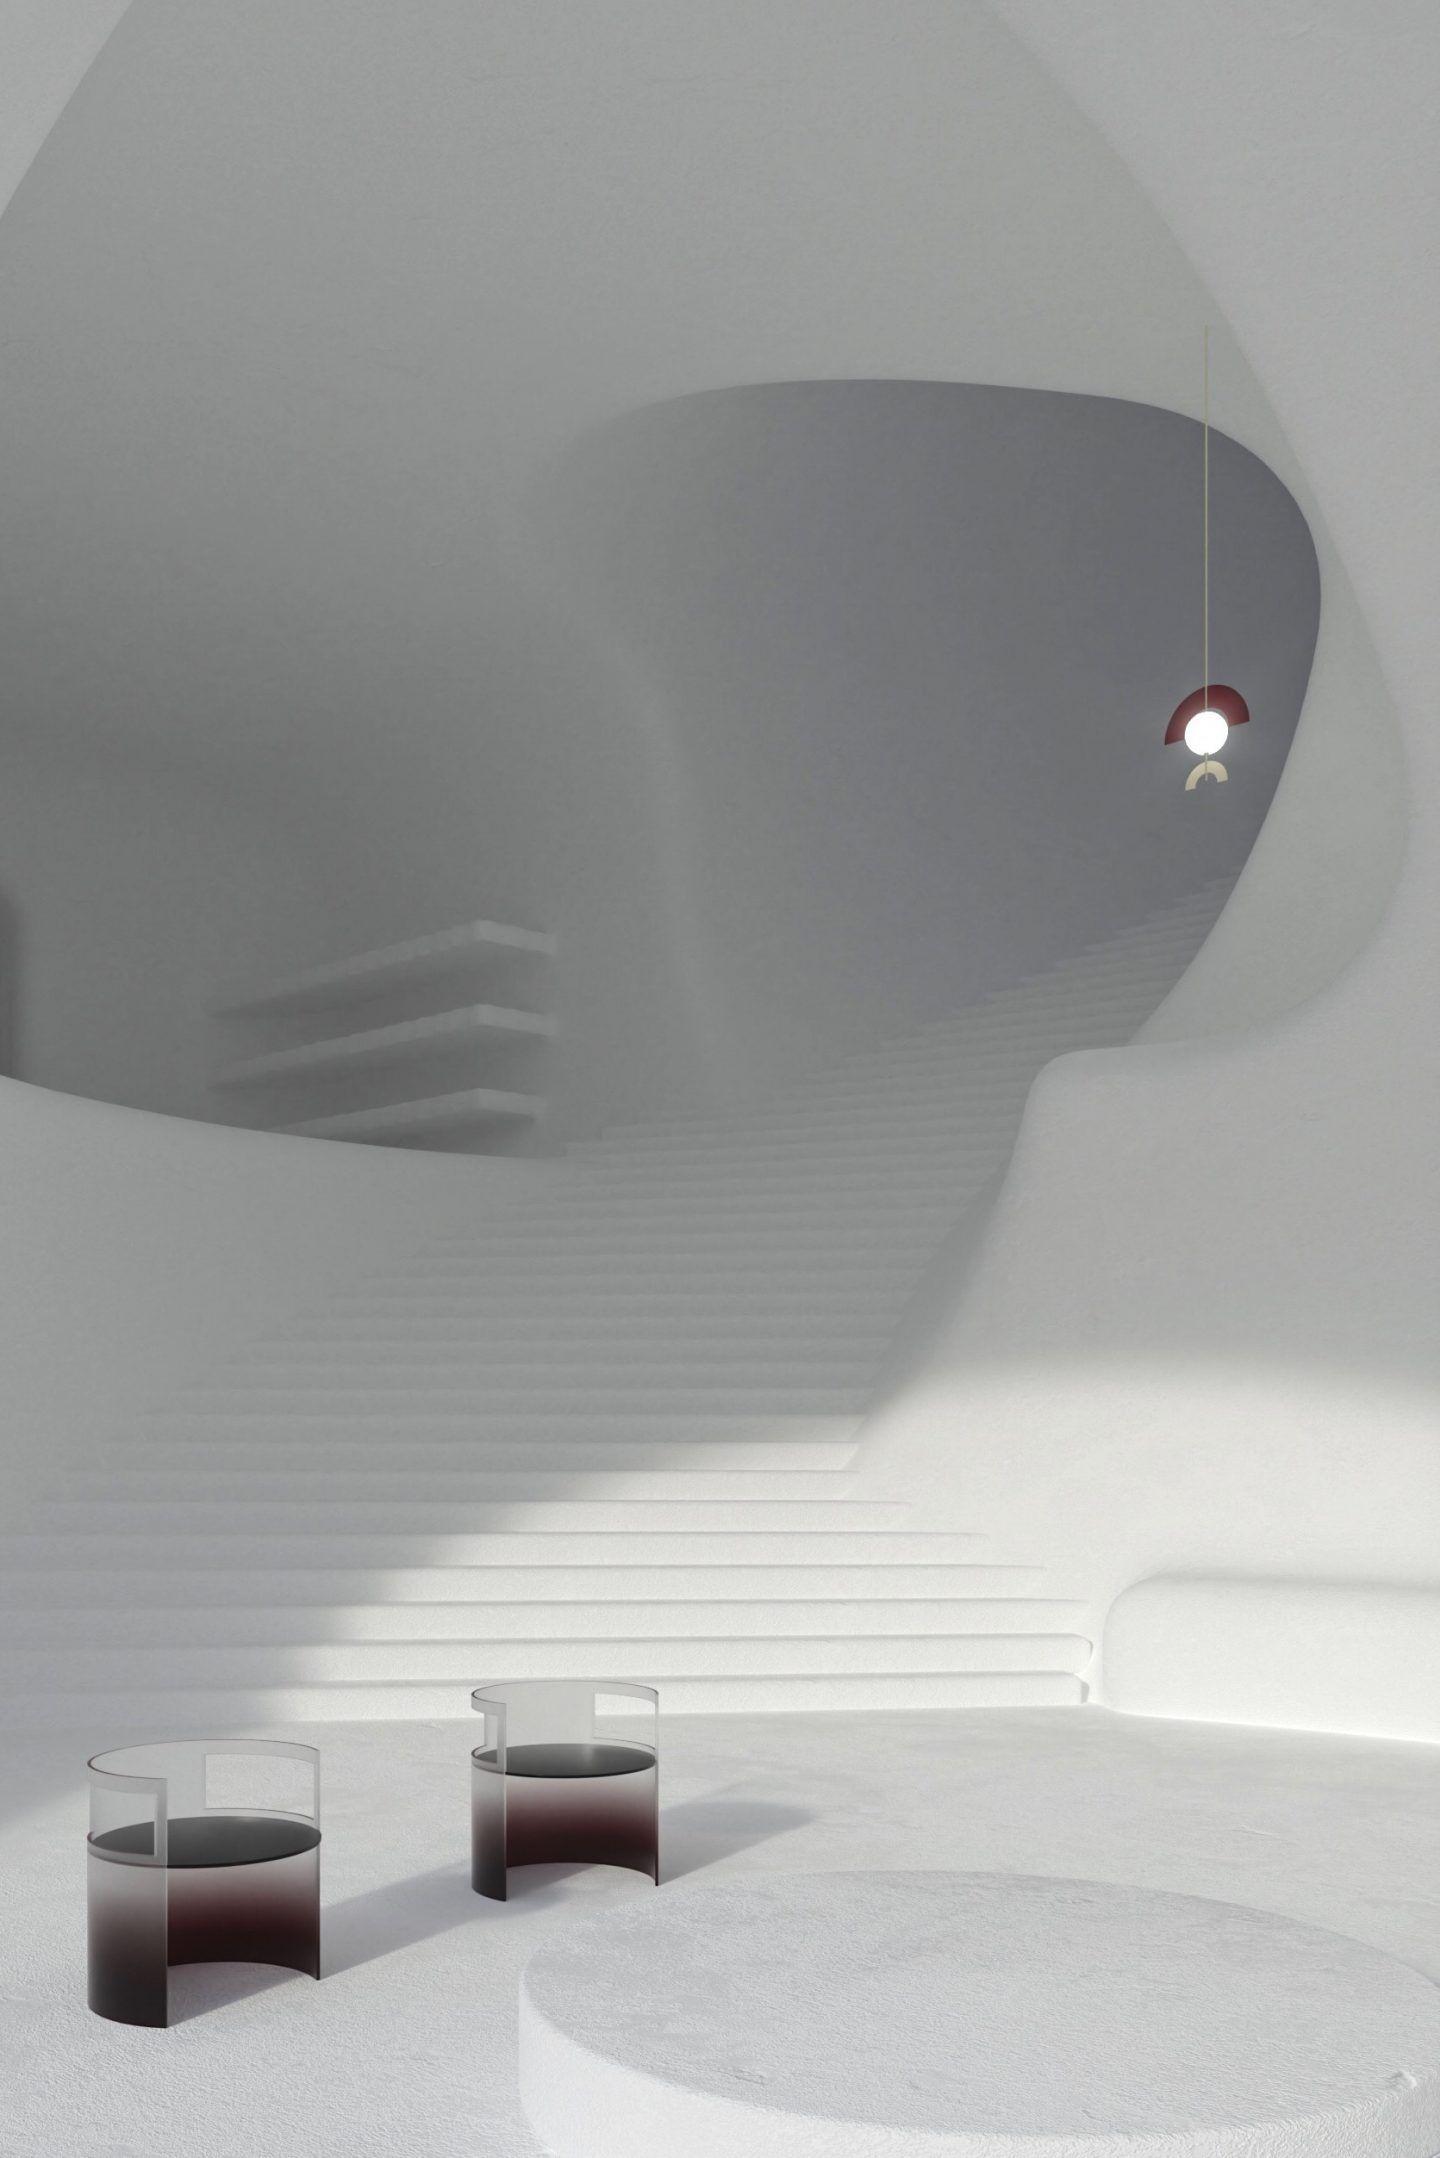 IGNANT-Art-Stefano-Rotolo-006